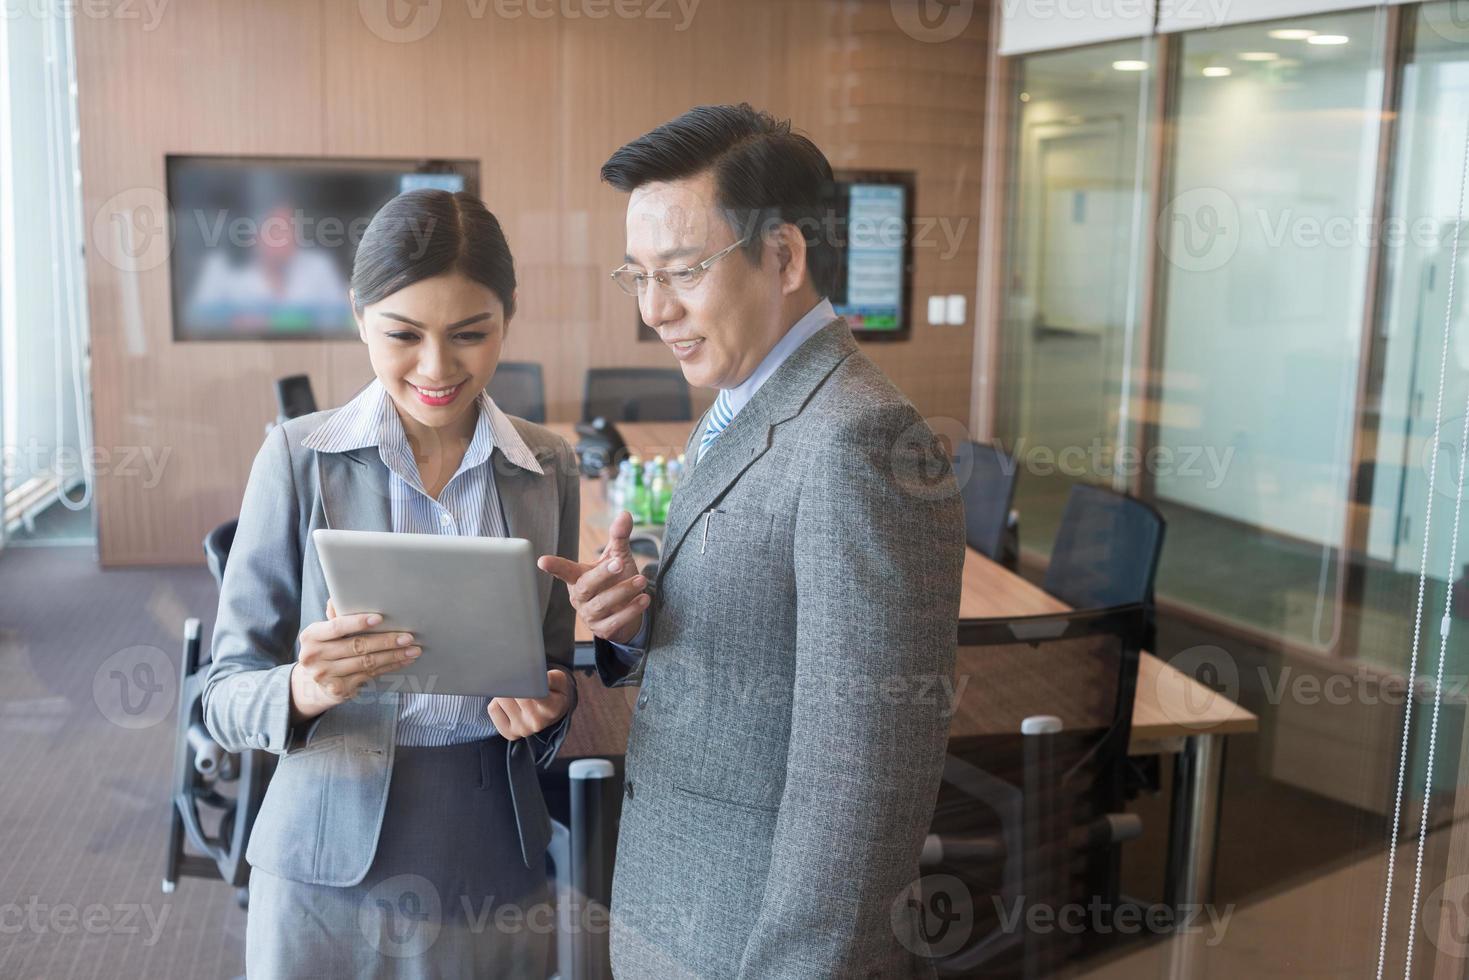 mensen uit het bedrijfsleven met een digitale tablet foto